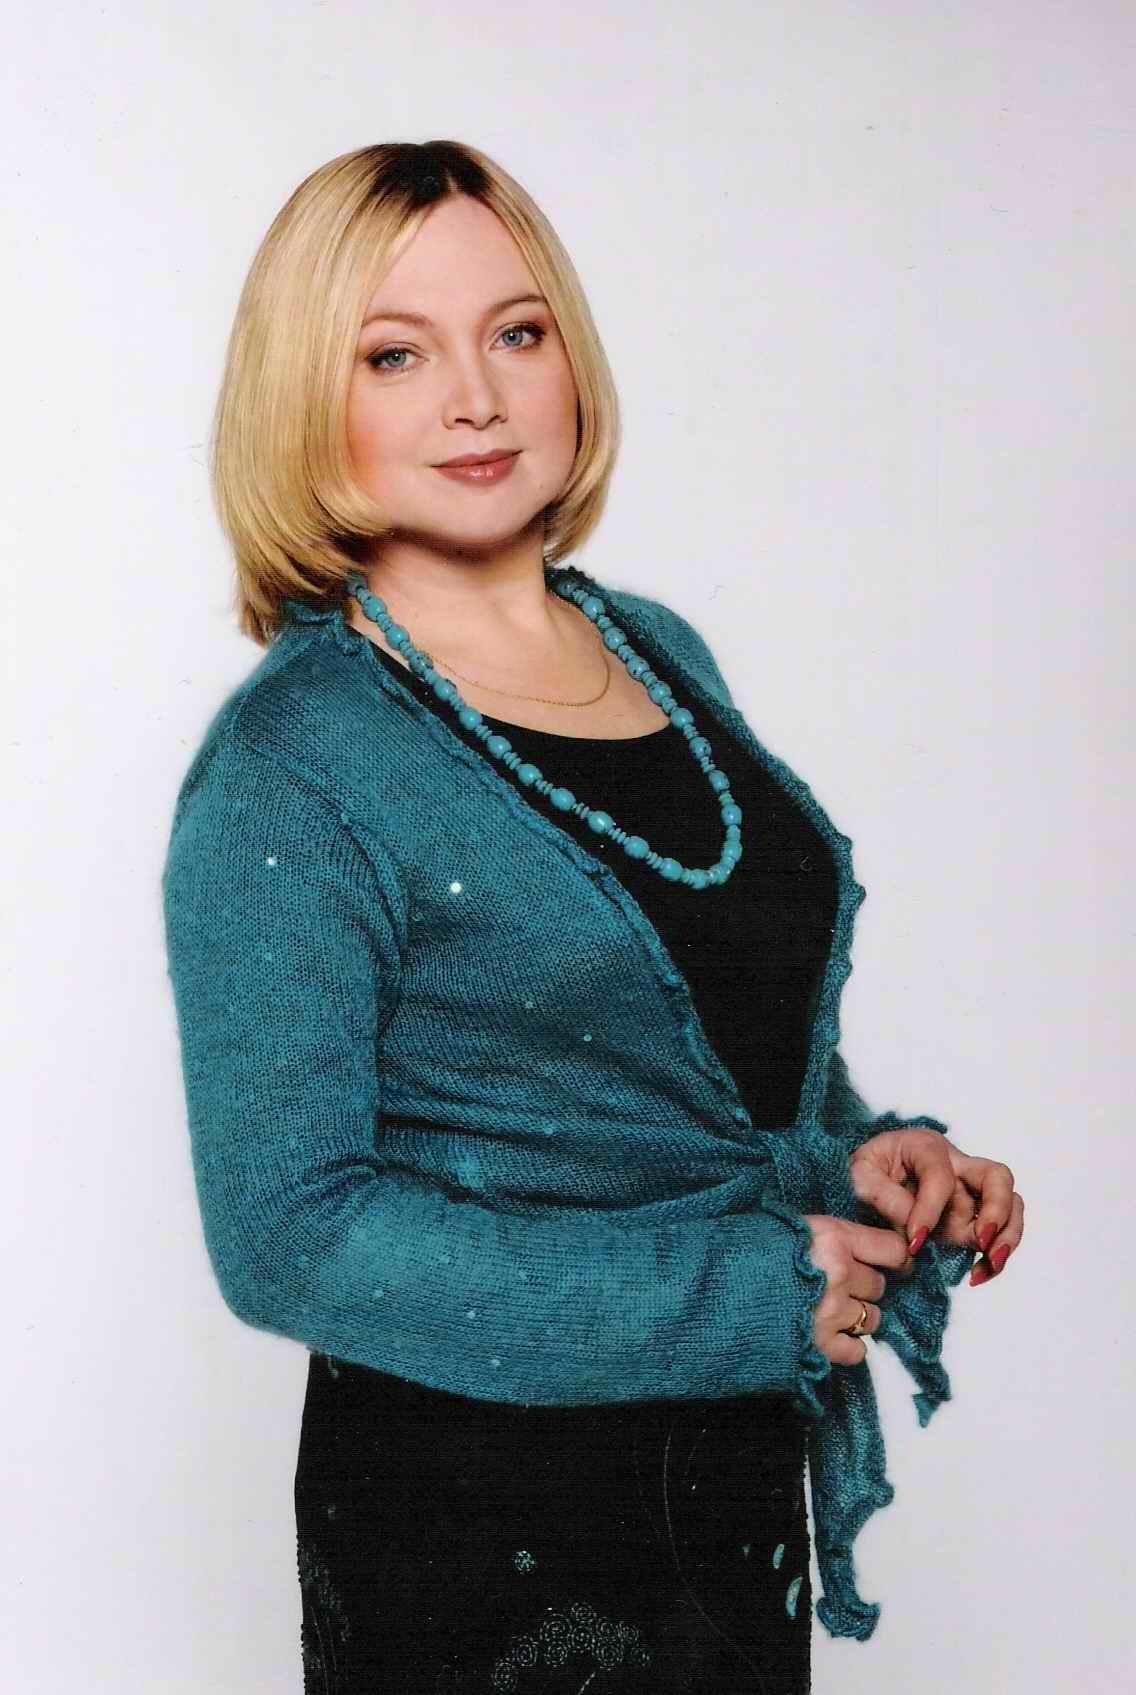 Современные российские актрисы фото 6 фотография